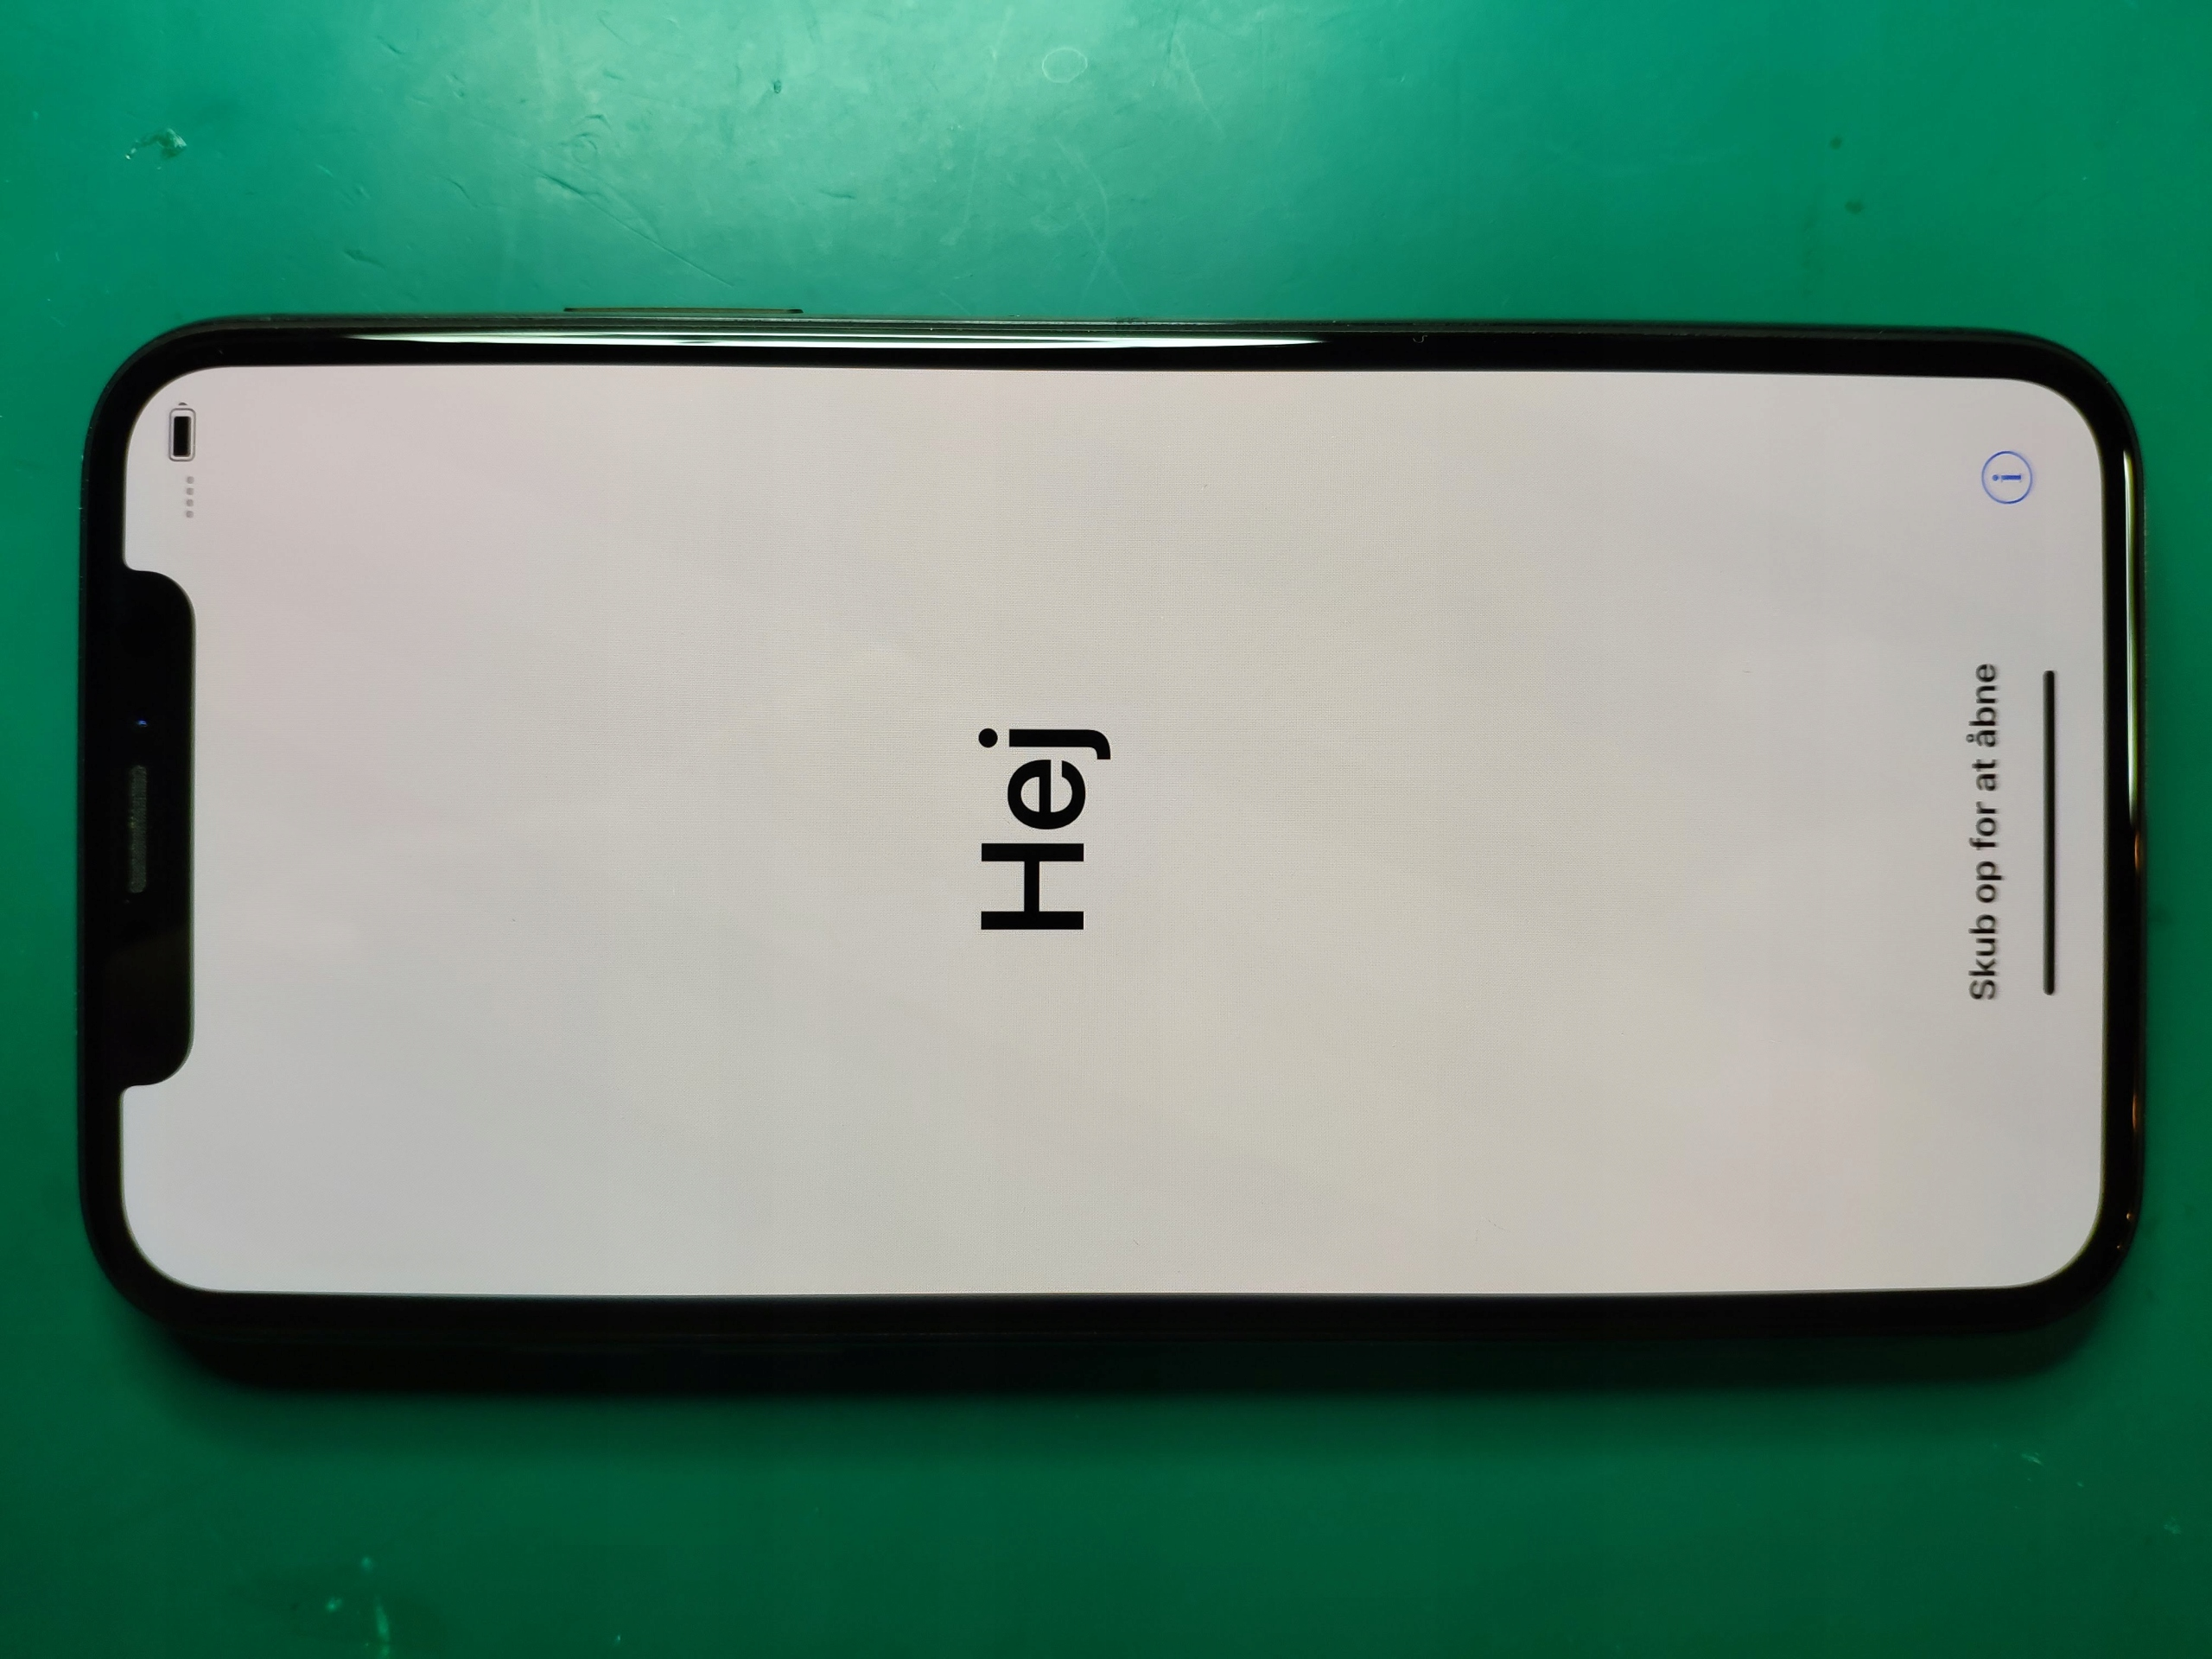 Apple Iphone X ORYGINALNY Wyświetlacz LCD Bez Wad!